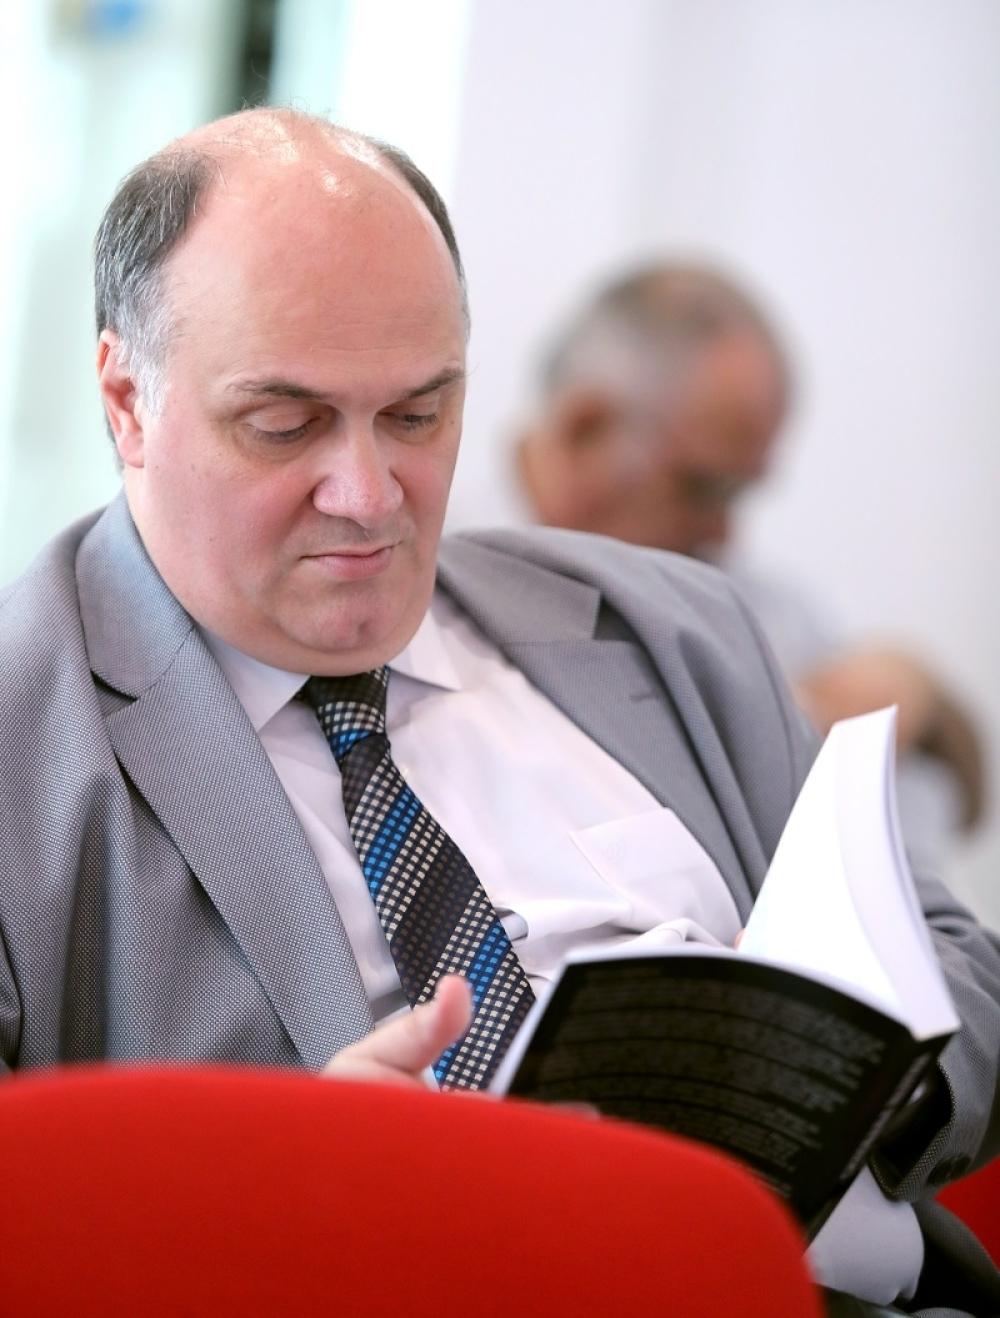 Političar Uroš Šuvaković je takođe bio na promociji knjige